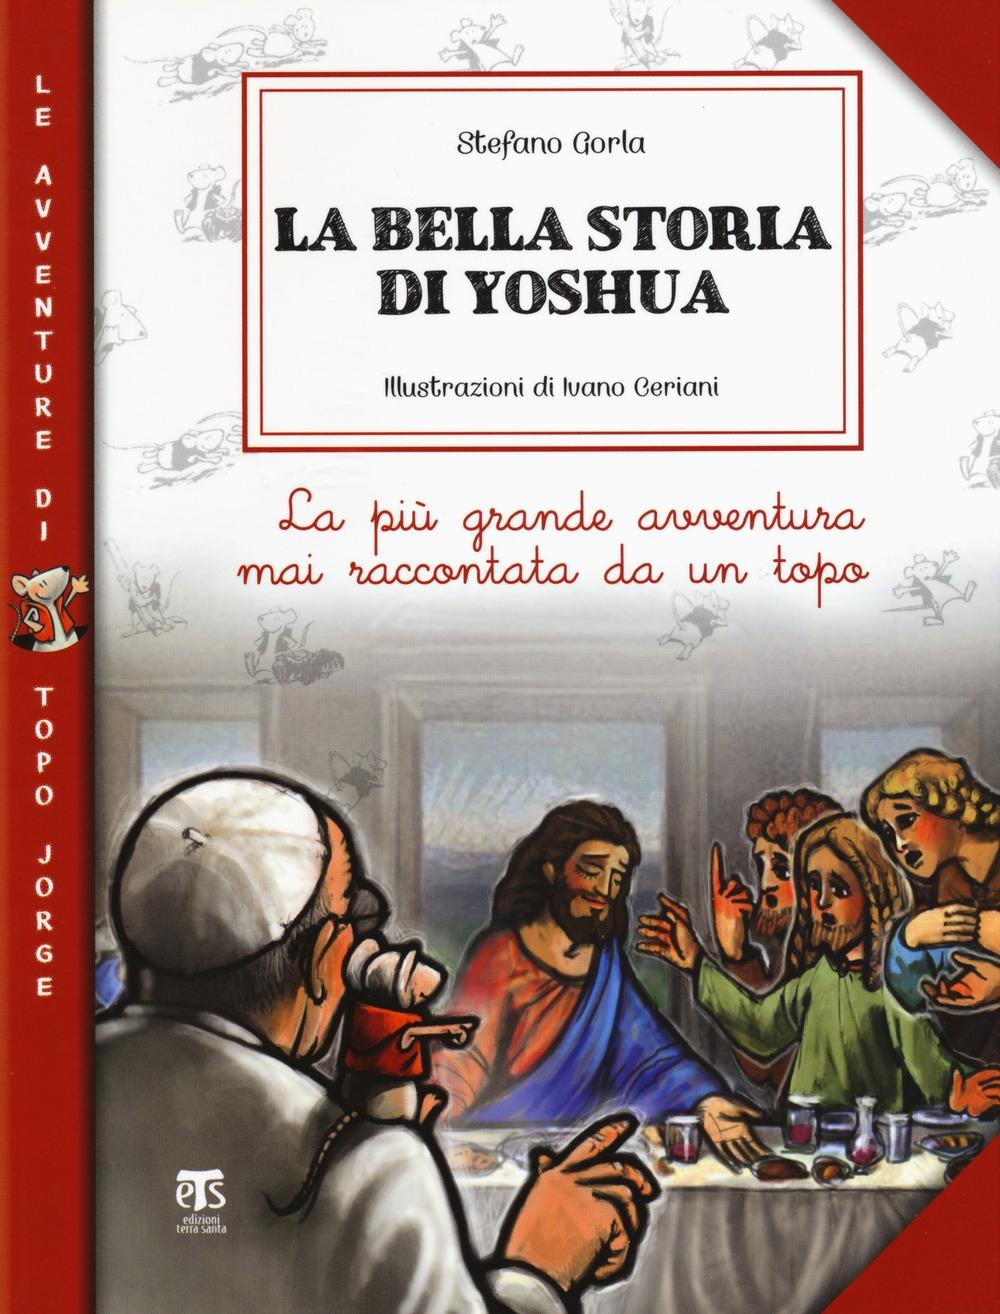 La bella storia di Yoshua. La più grande avventura mai raccontata da un topo